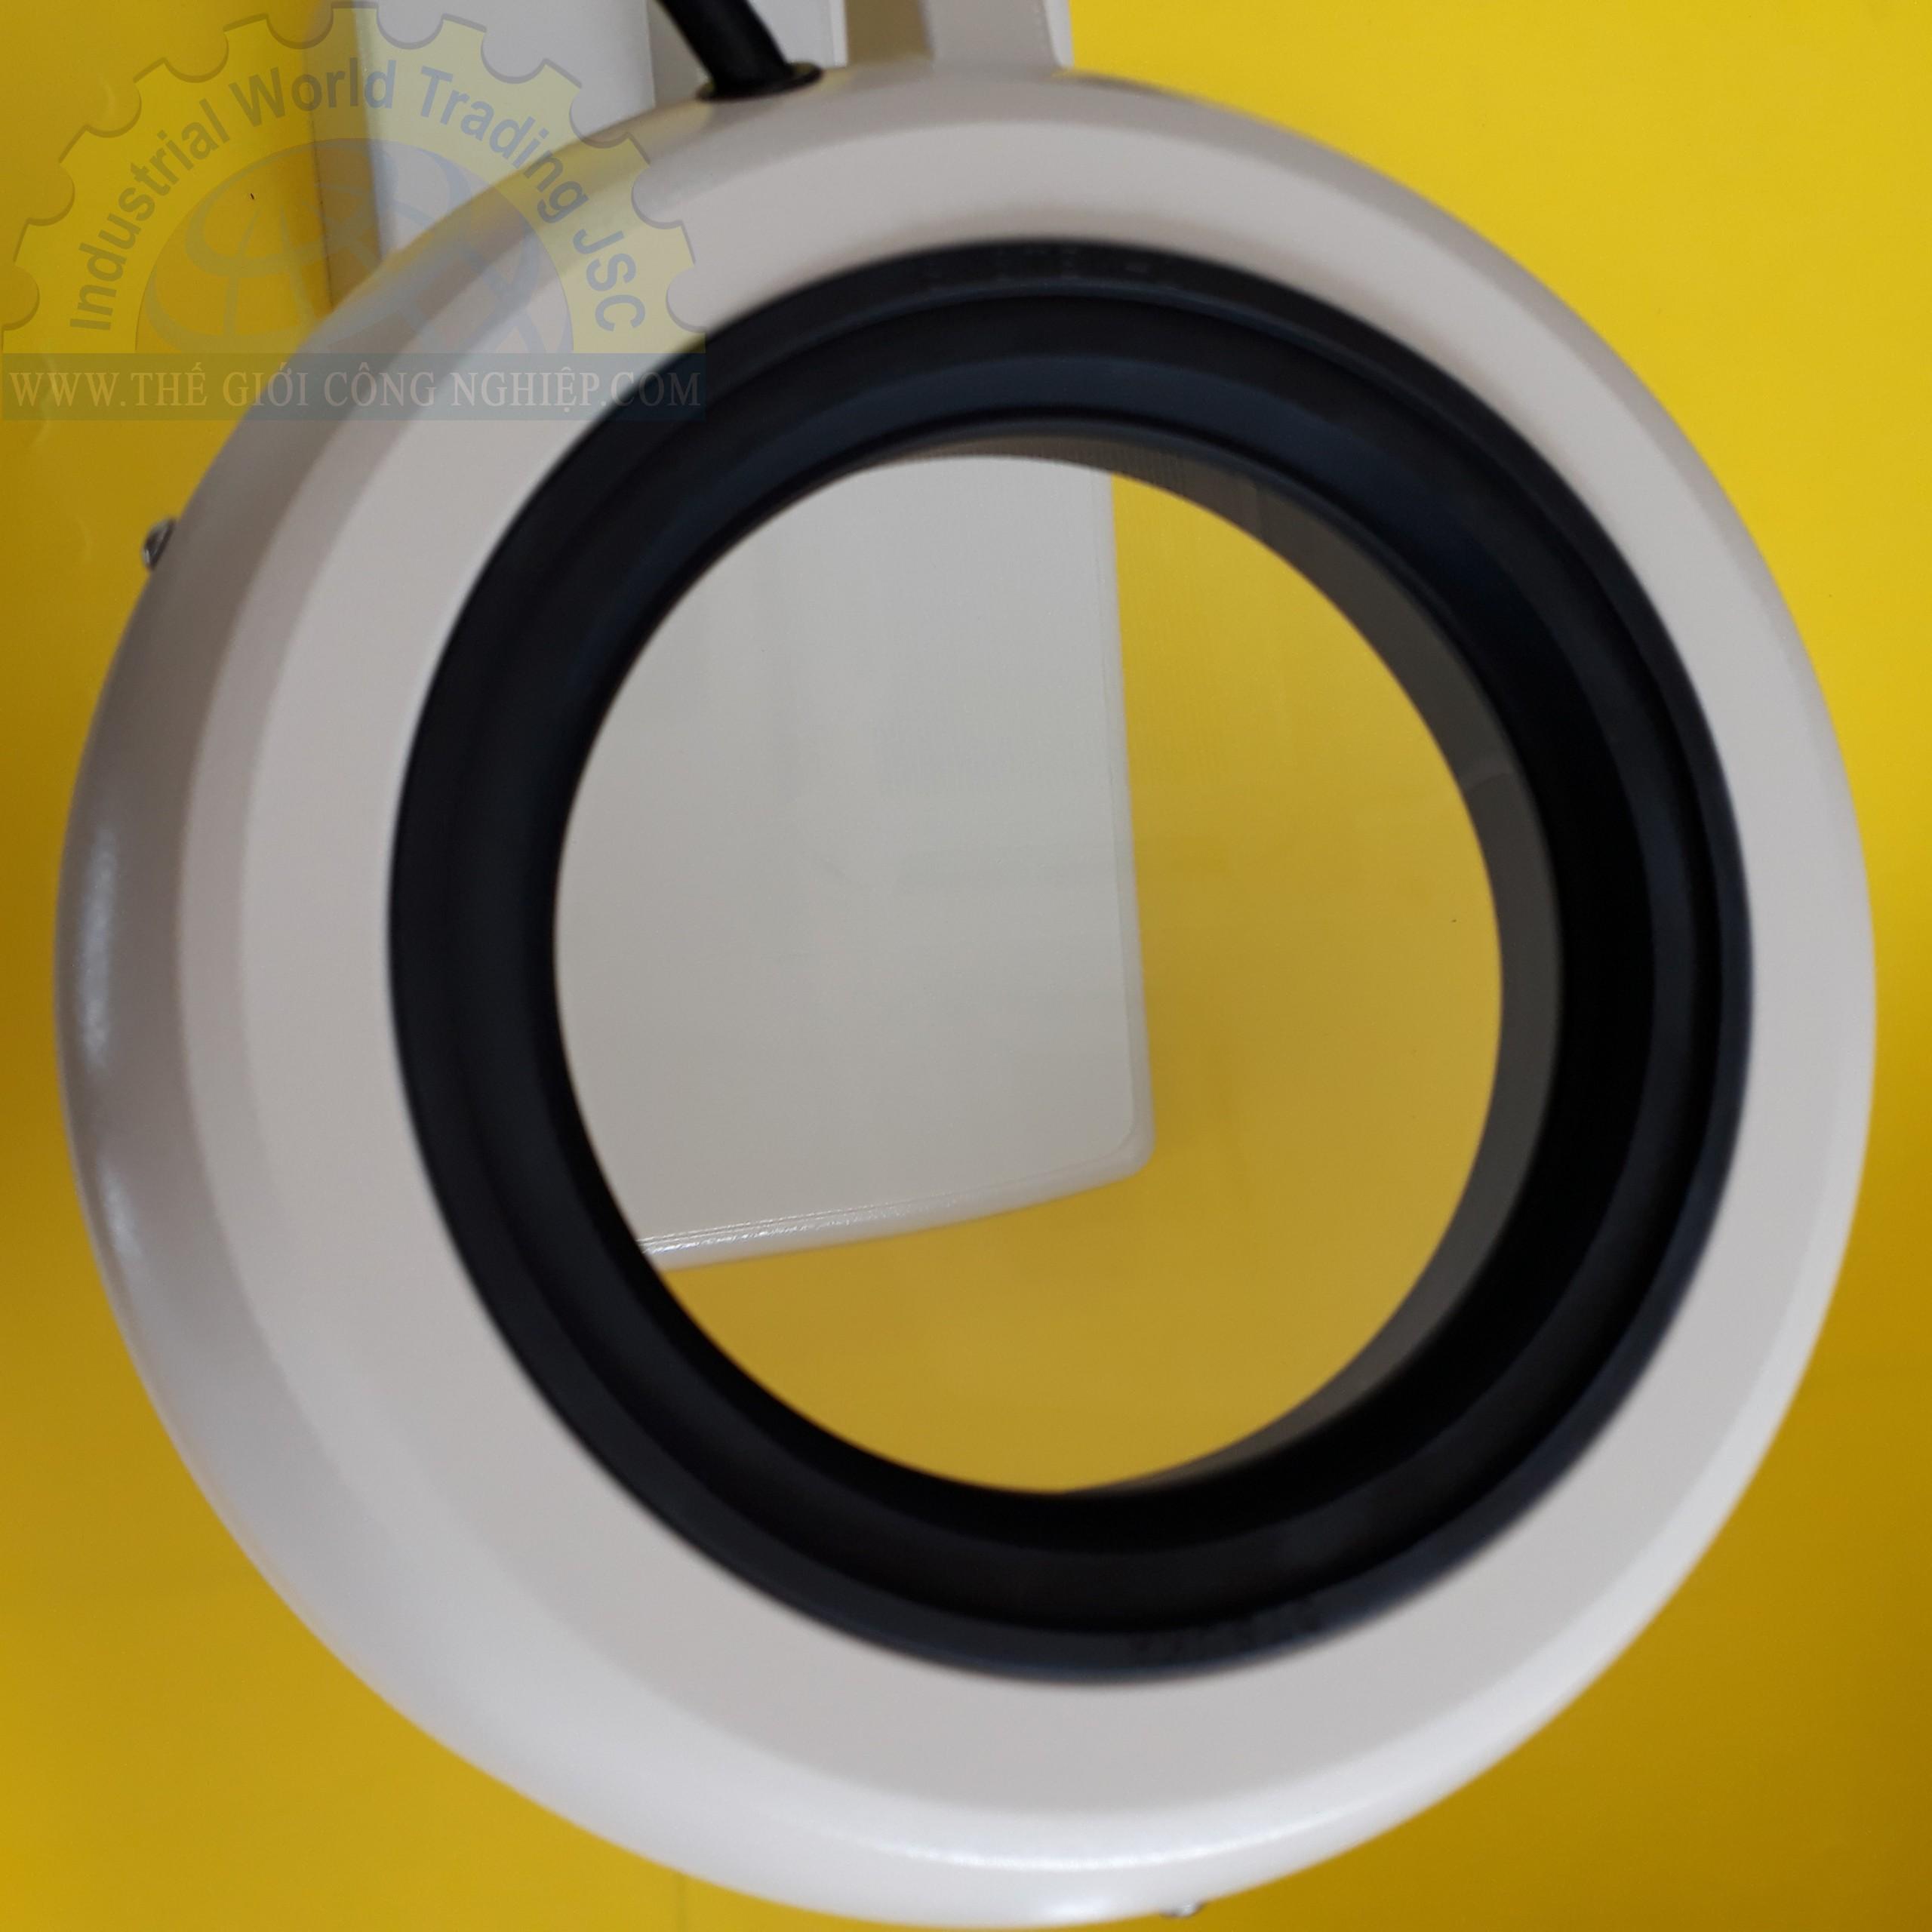 Kính lúp để bàn có độ phóng đại 2 lần illuminated Light Scope SKK-B 2X SKKB 2X SKKB-2X OTSUKA